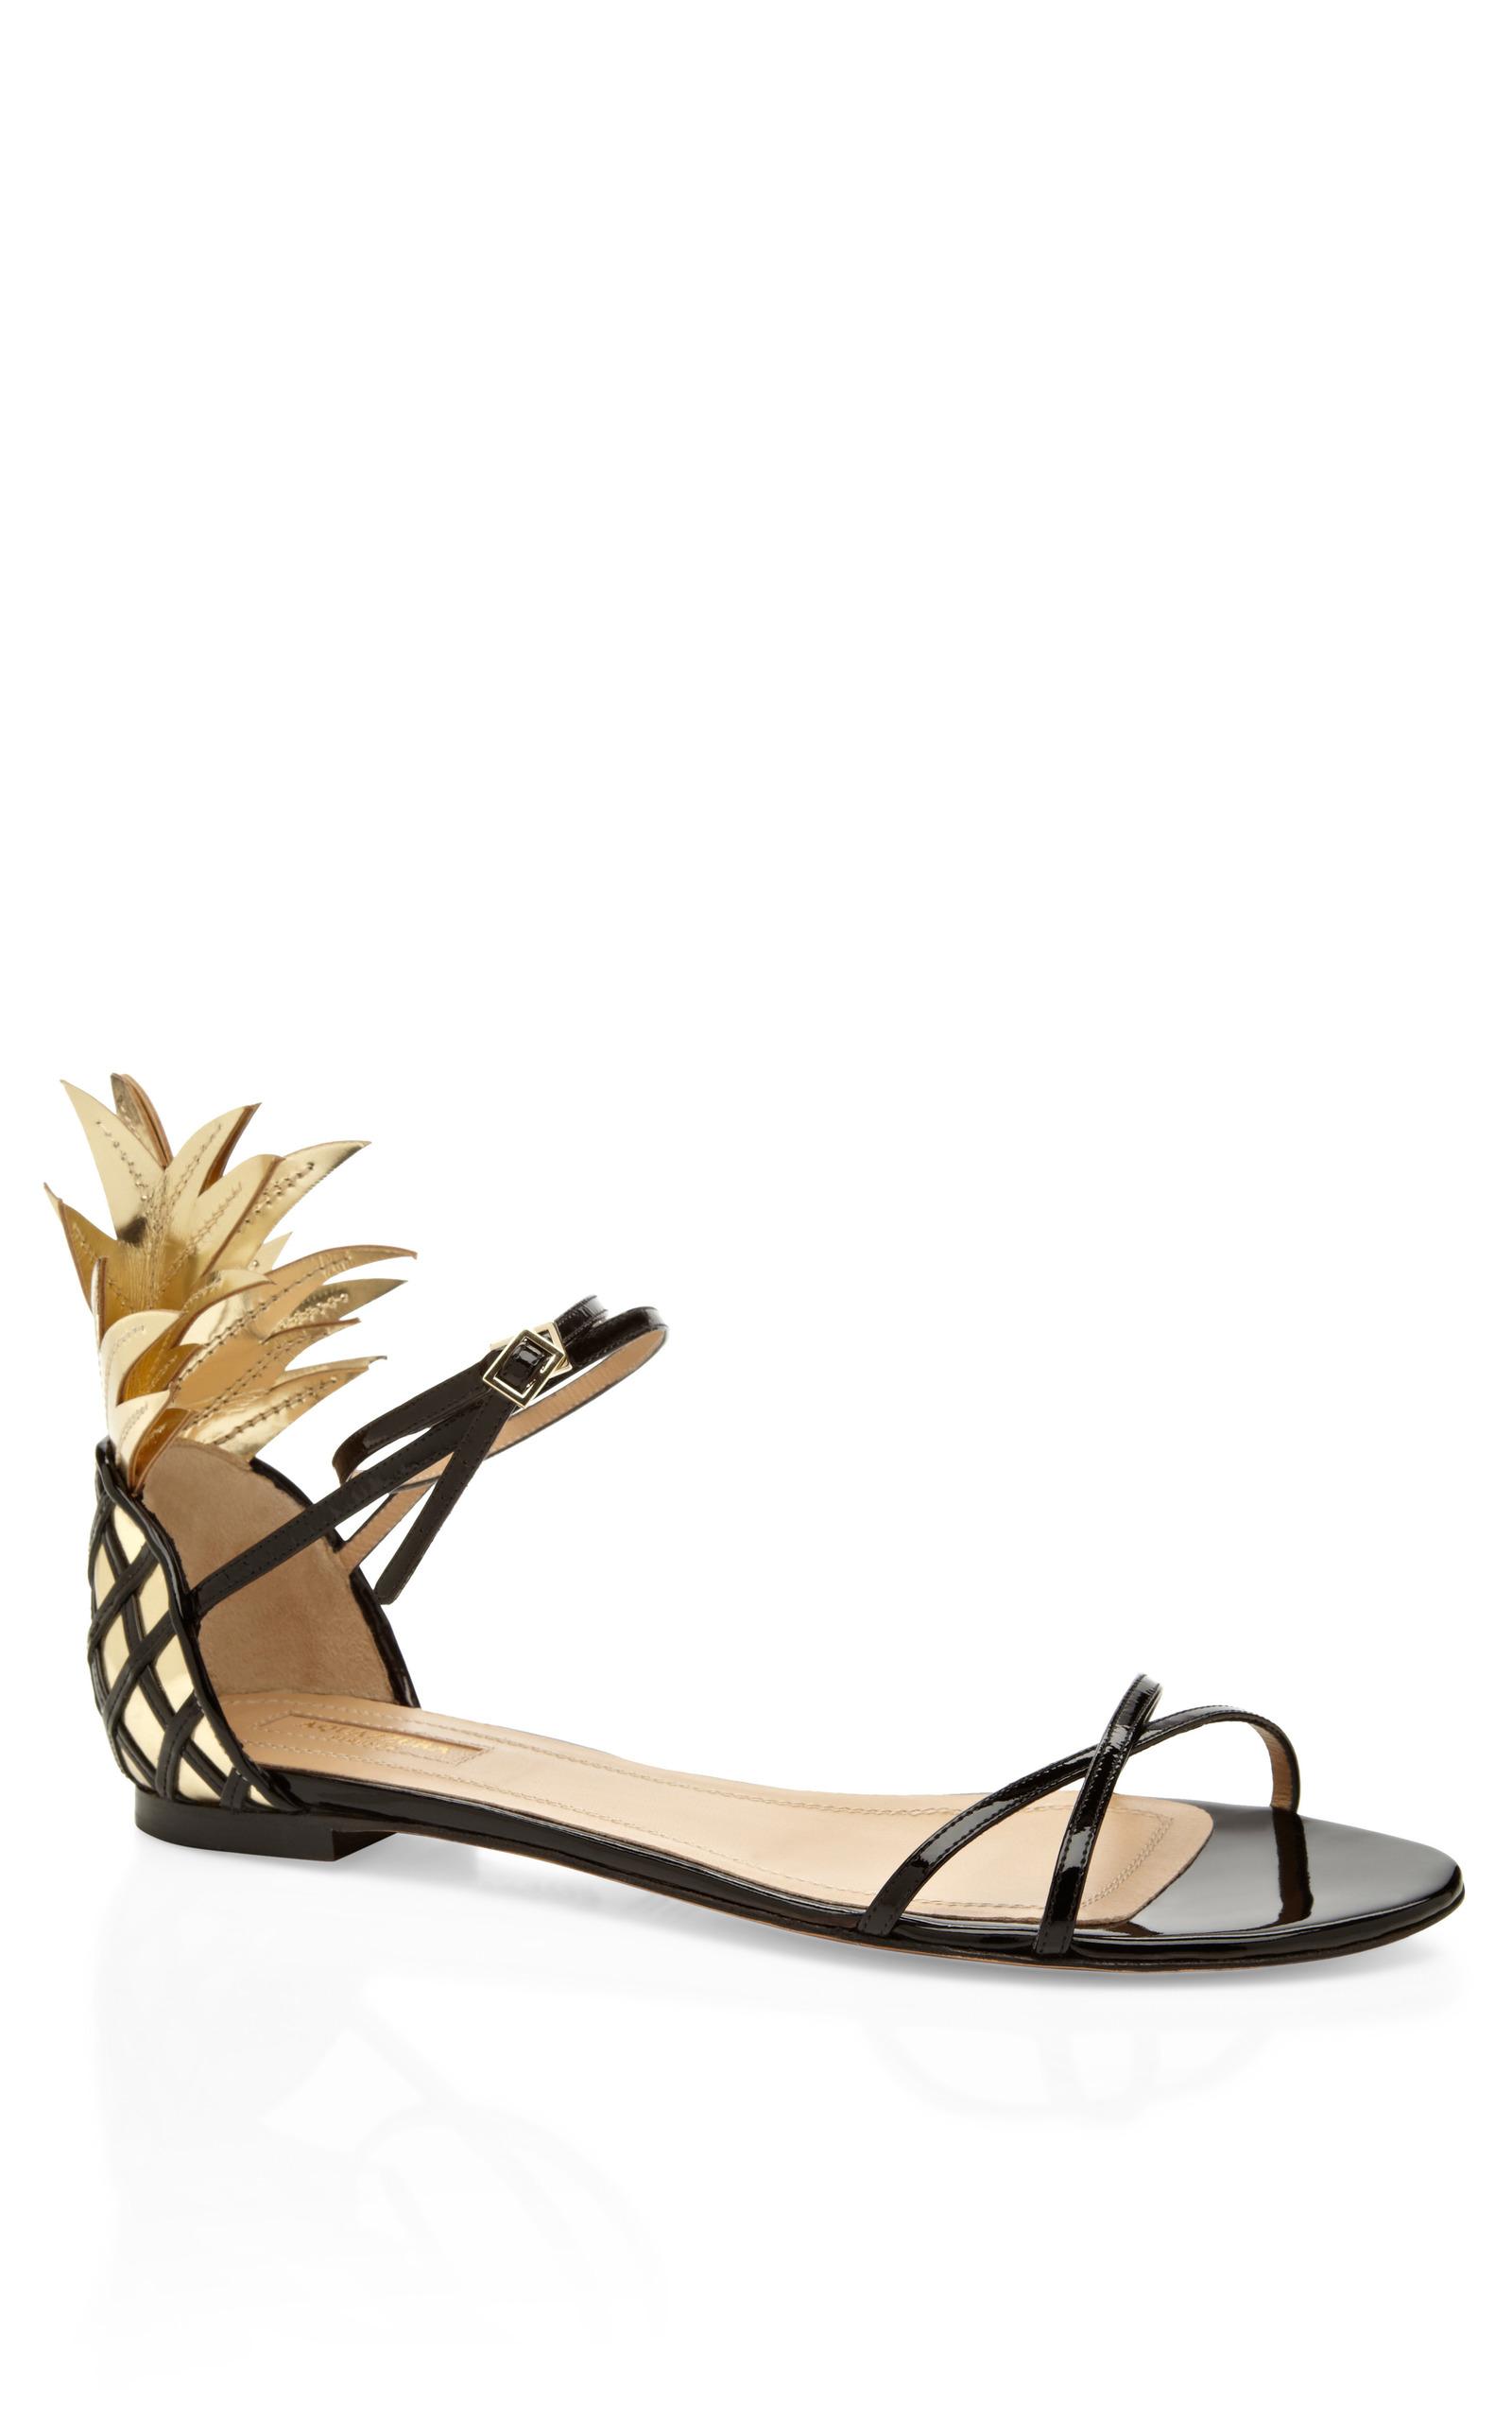 Pina Colada Sandal VJ3OQOx